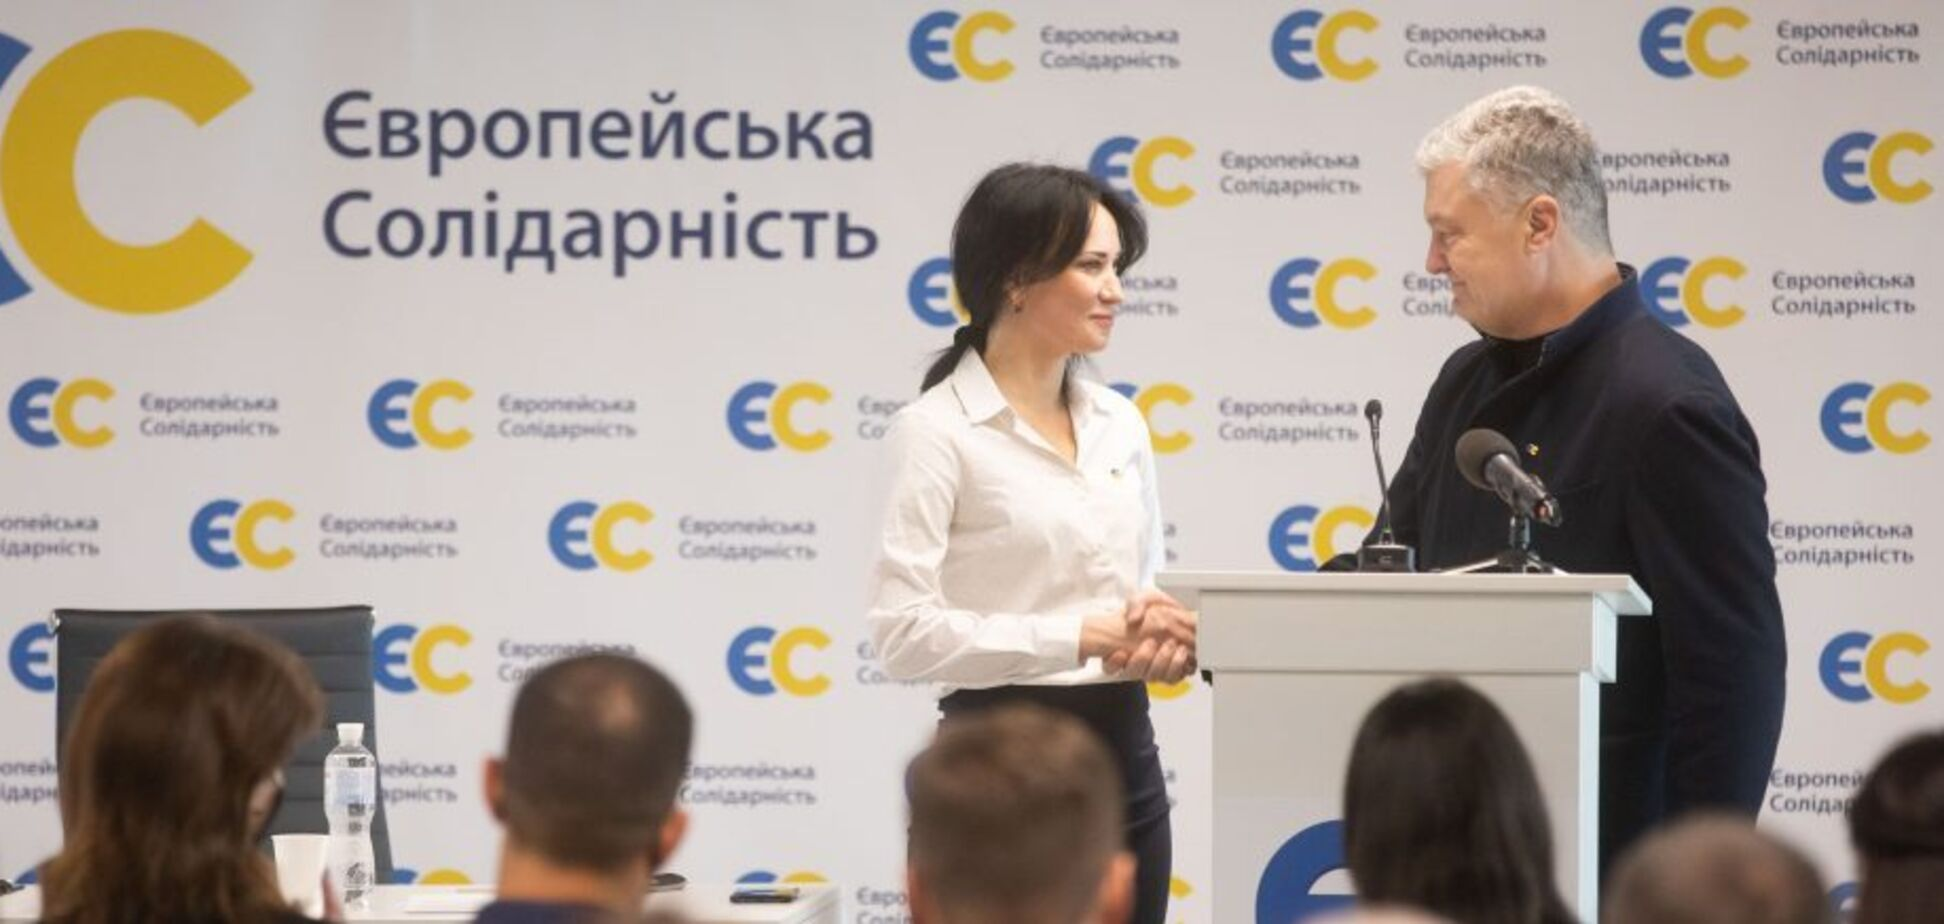 Порошенко призвал поддержать Марусю Зверобой: она бесстрашная и несокрушимая